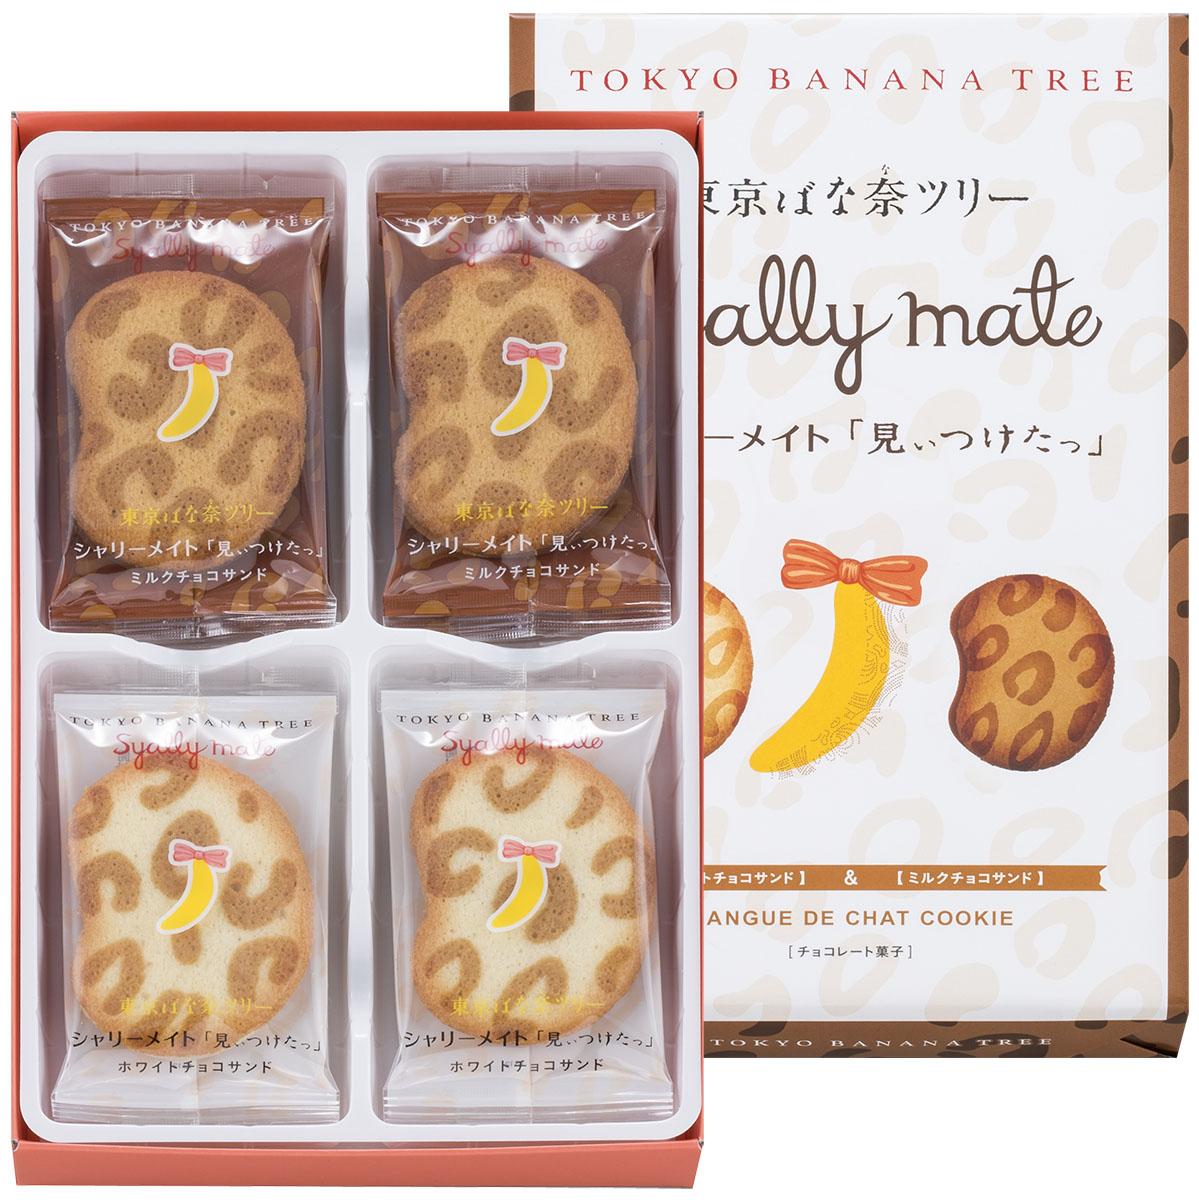 【现货】日本进口零食 东京香蕉tokyo banana香蕉巧克力饼干8枚